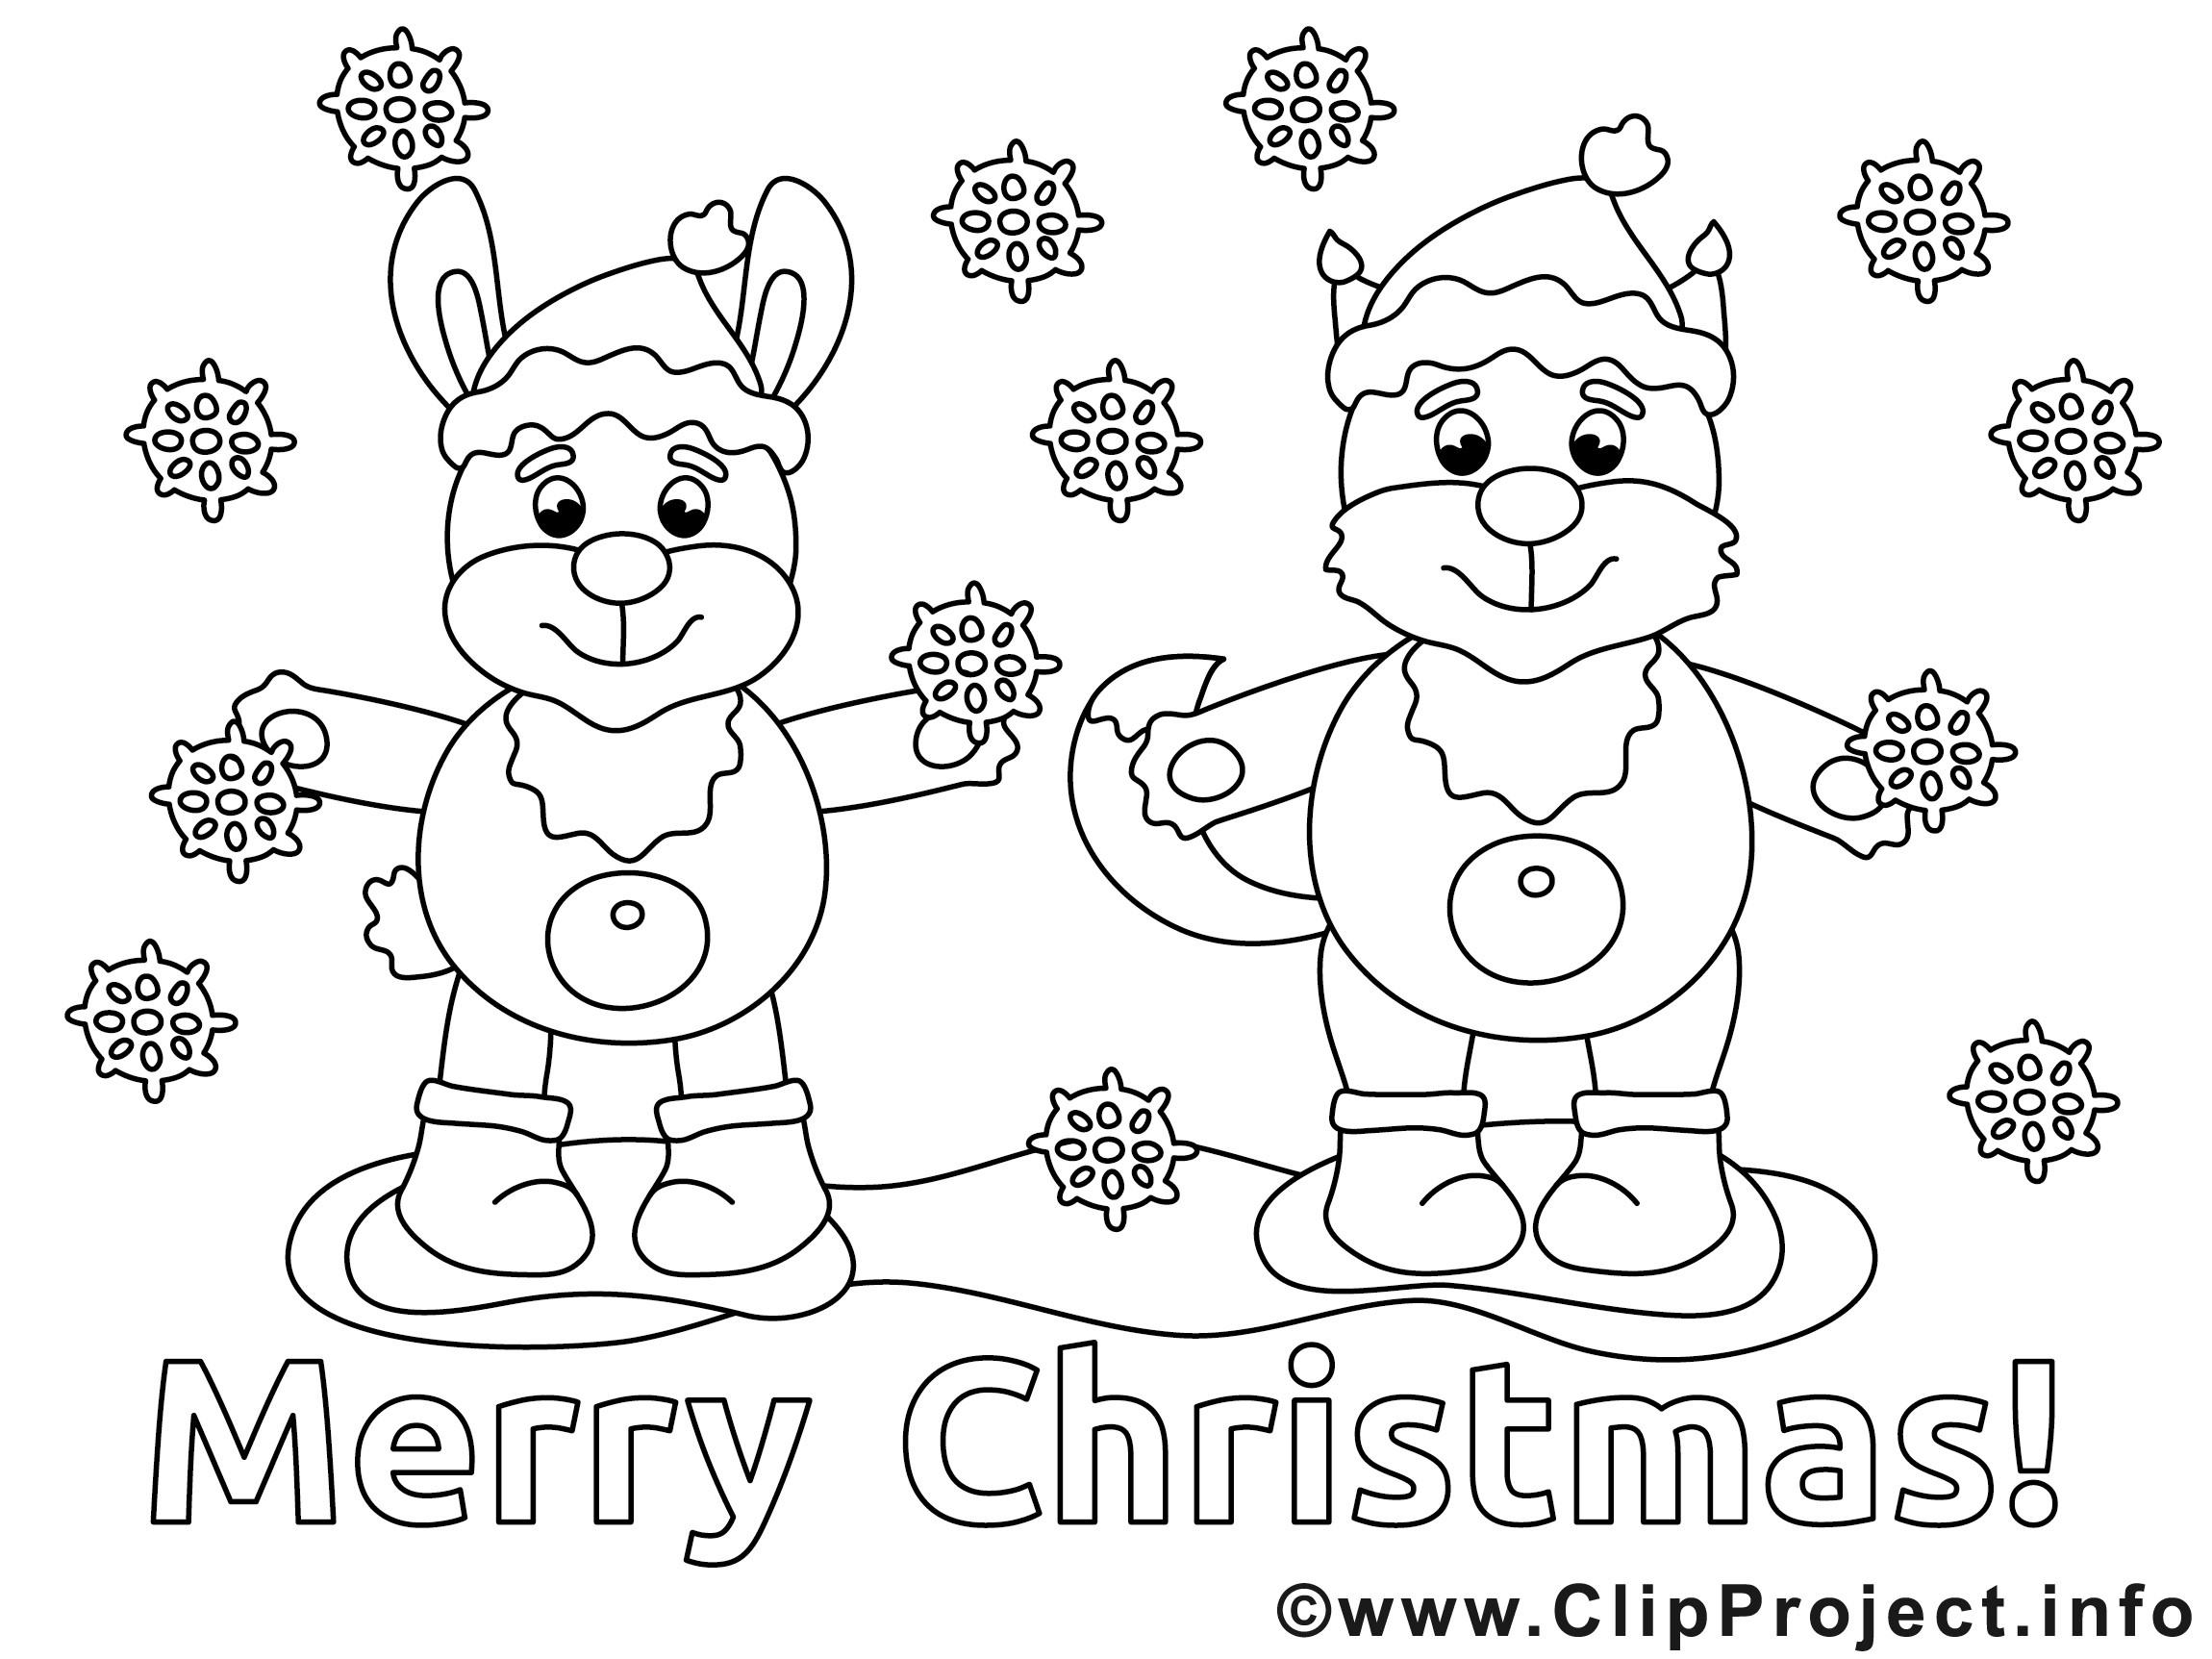 Weihnachts Ausmalbilder Zum Drucken Das Beste Von Malvorlagen Gratis Zum Ausdrucken Fotos